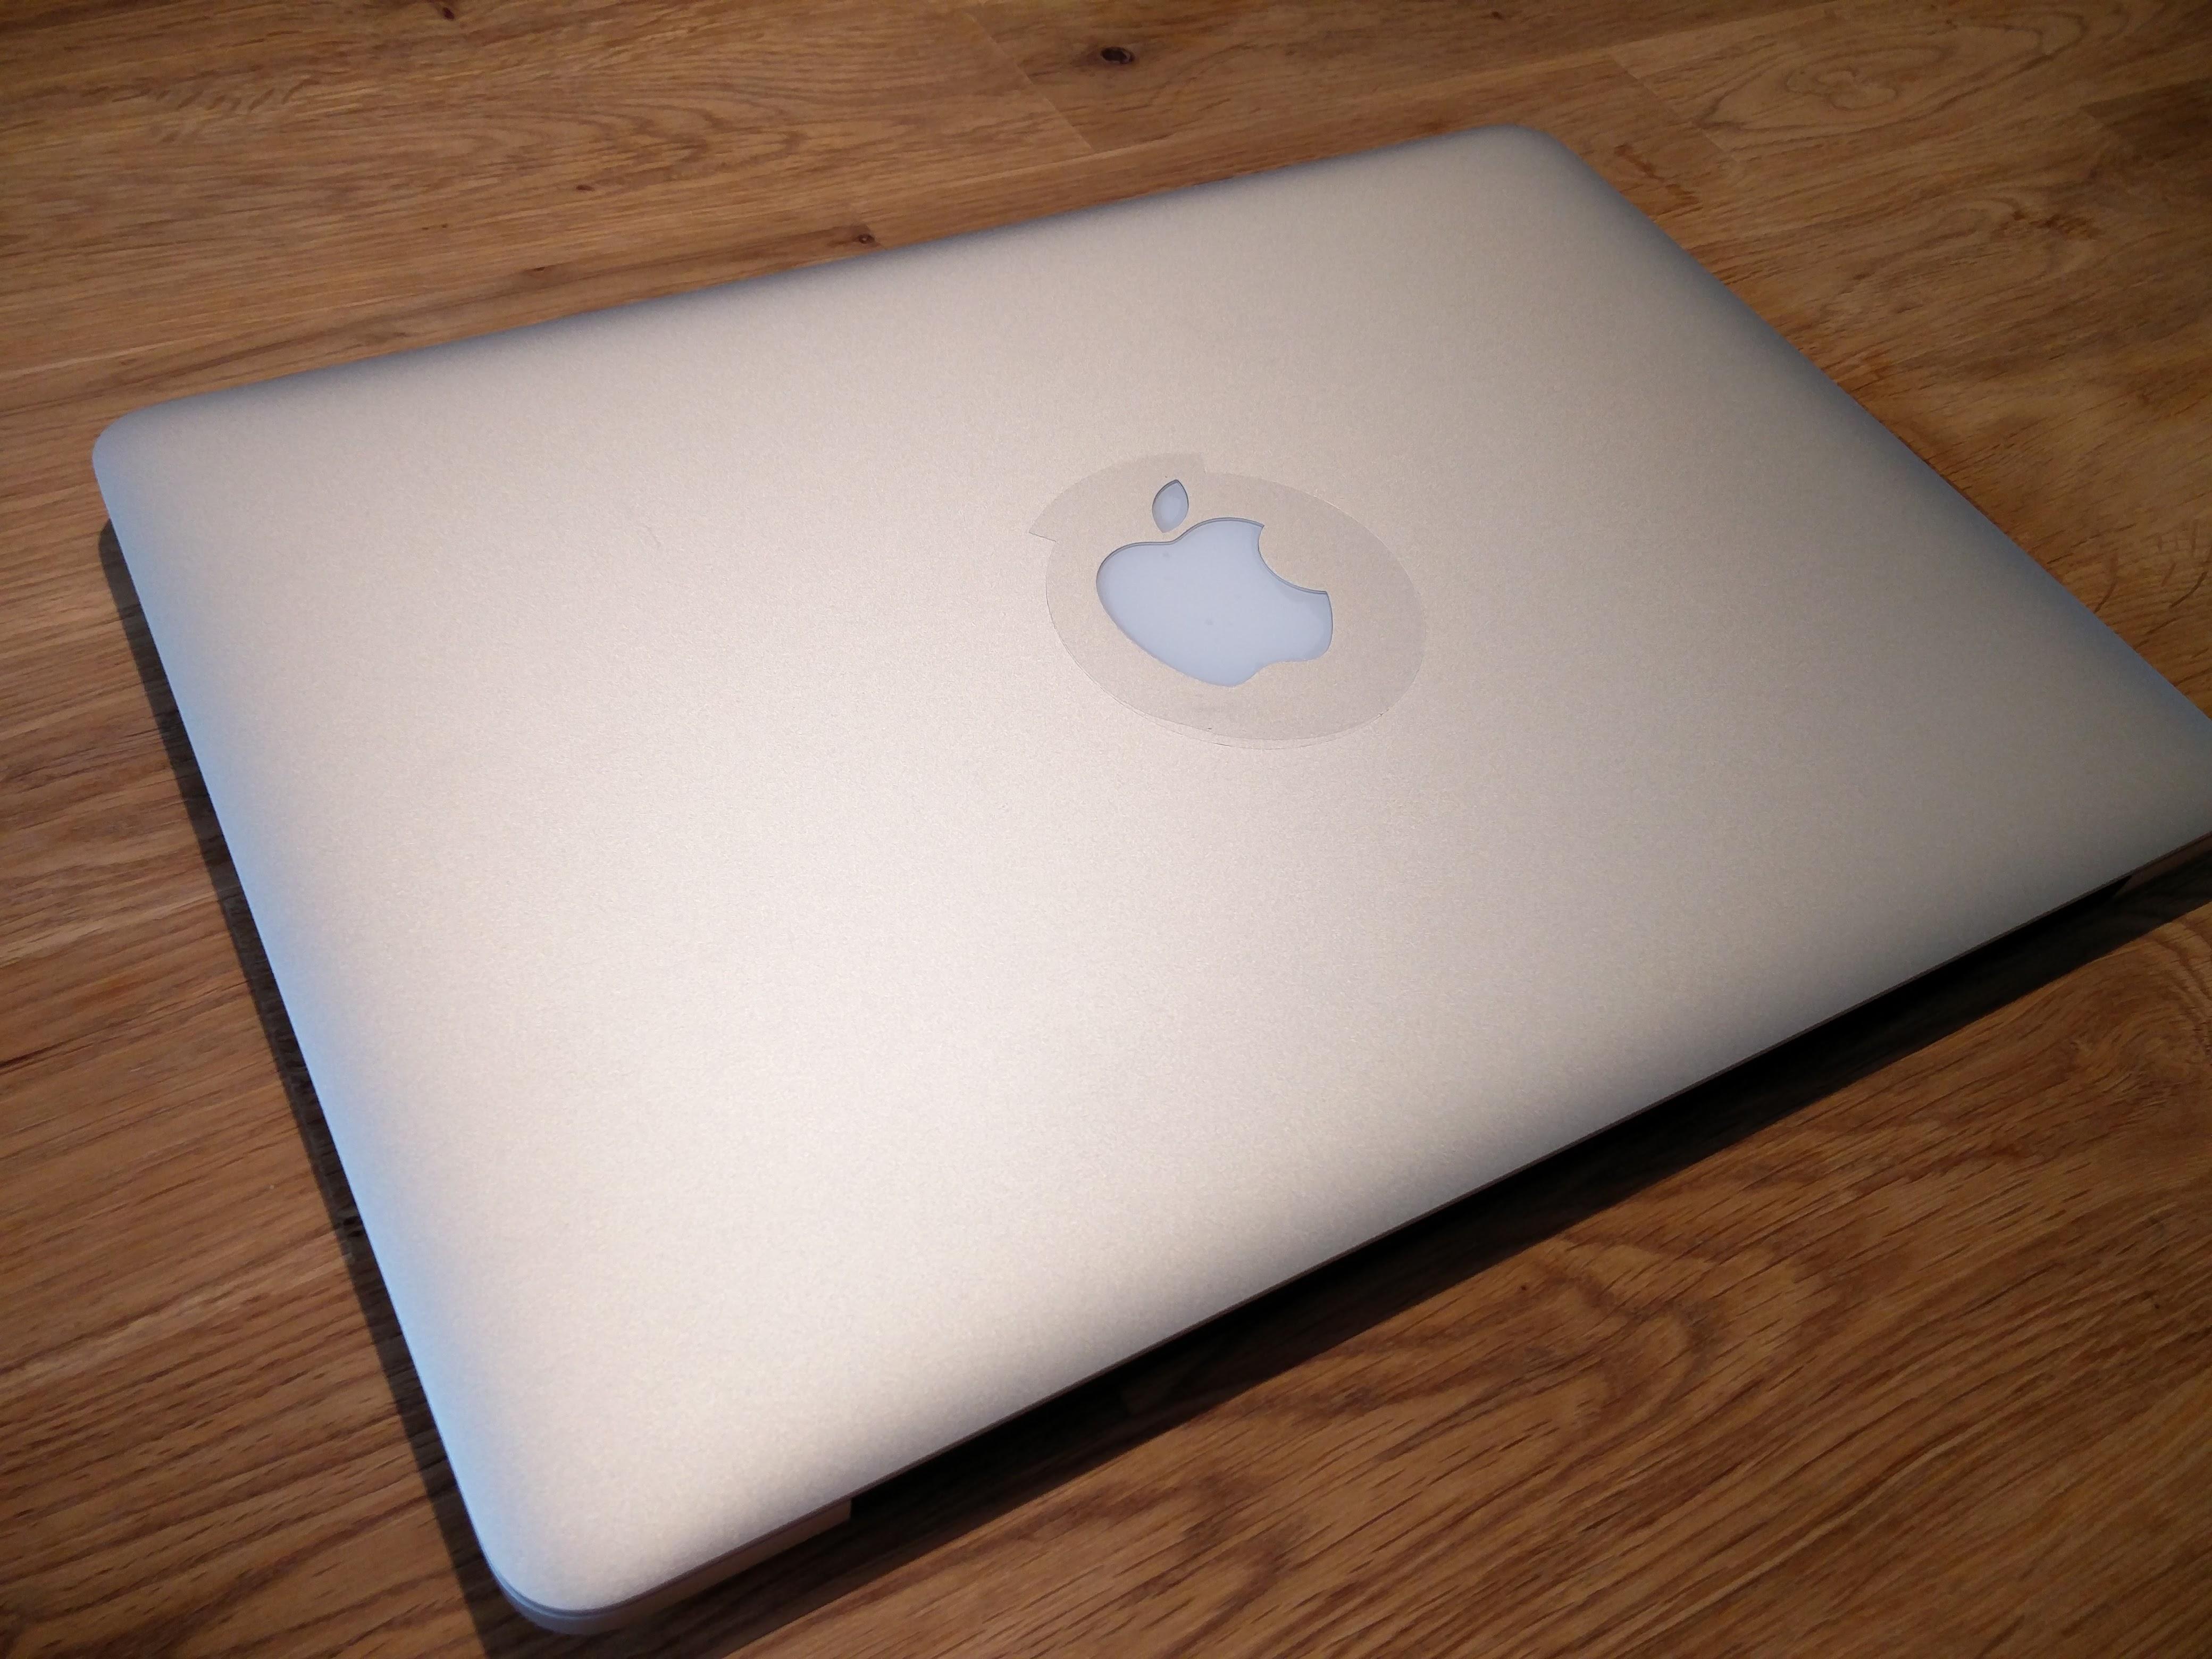 アップルマークには保護シールがあるほど、新品に。 でも底面はめっちゃ傷だらけのまんまだから、なんか微妙w